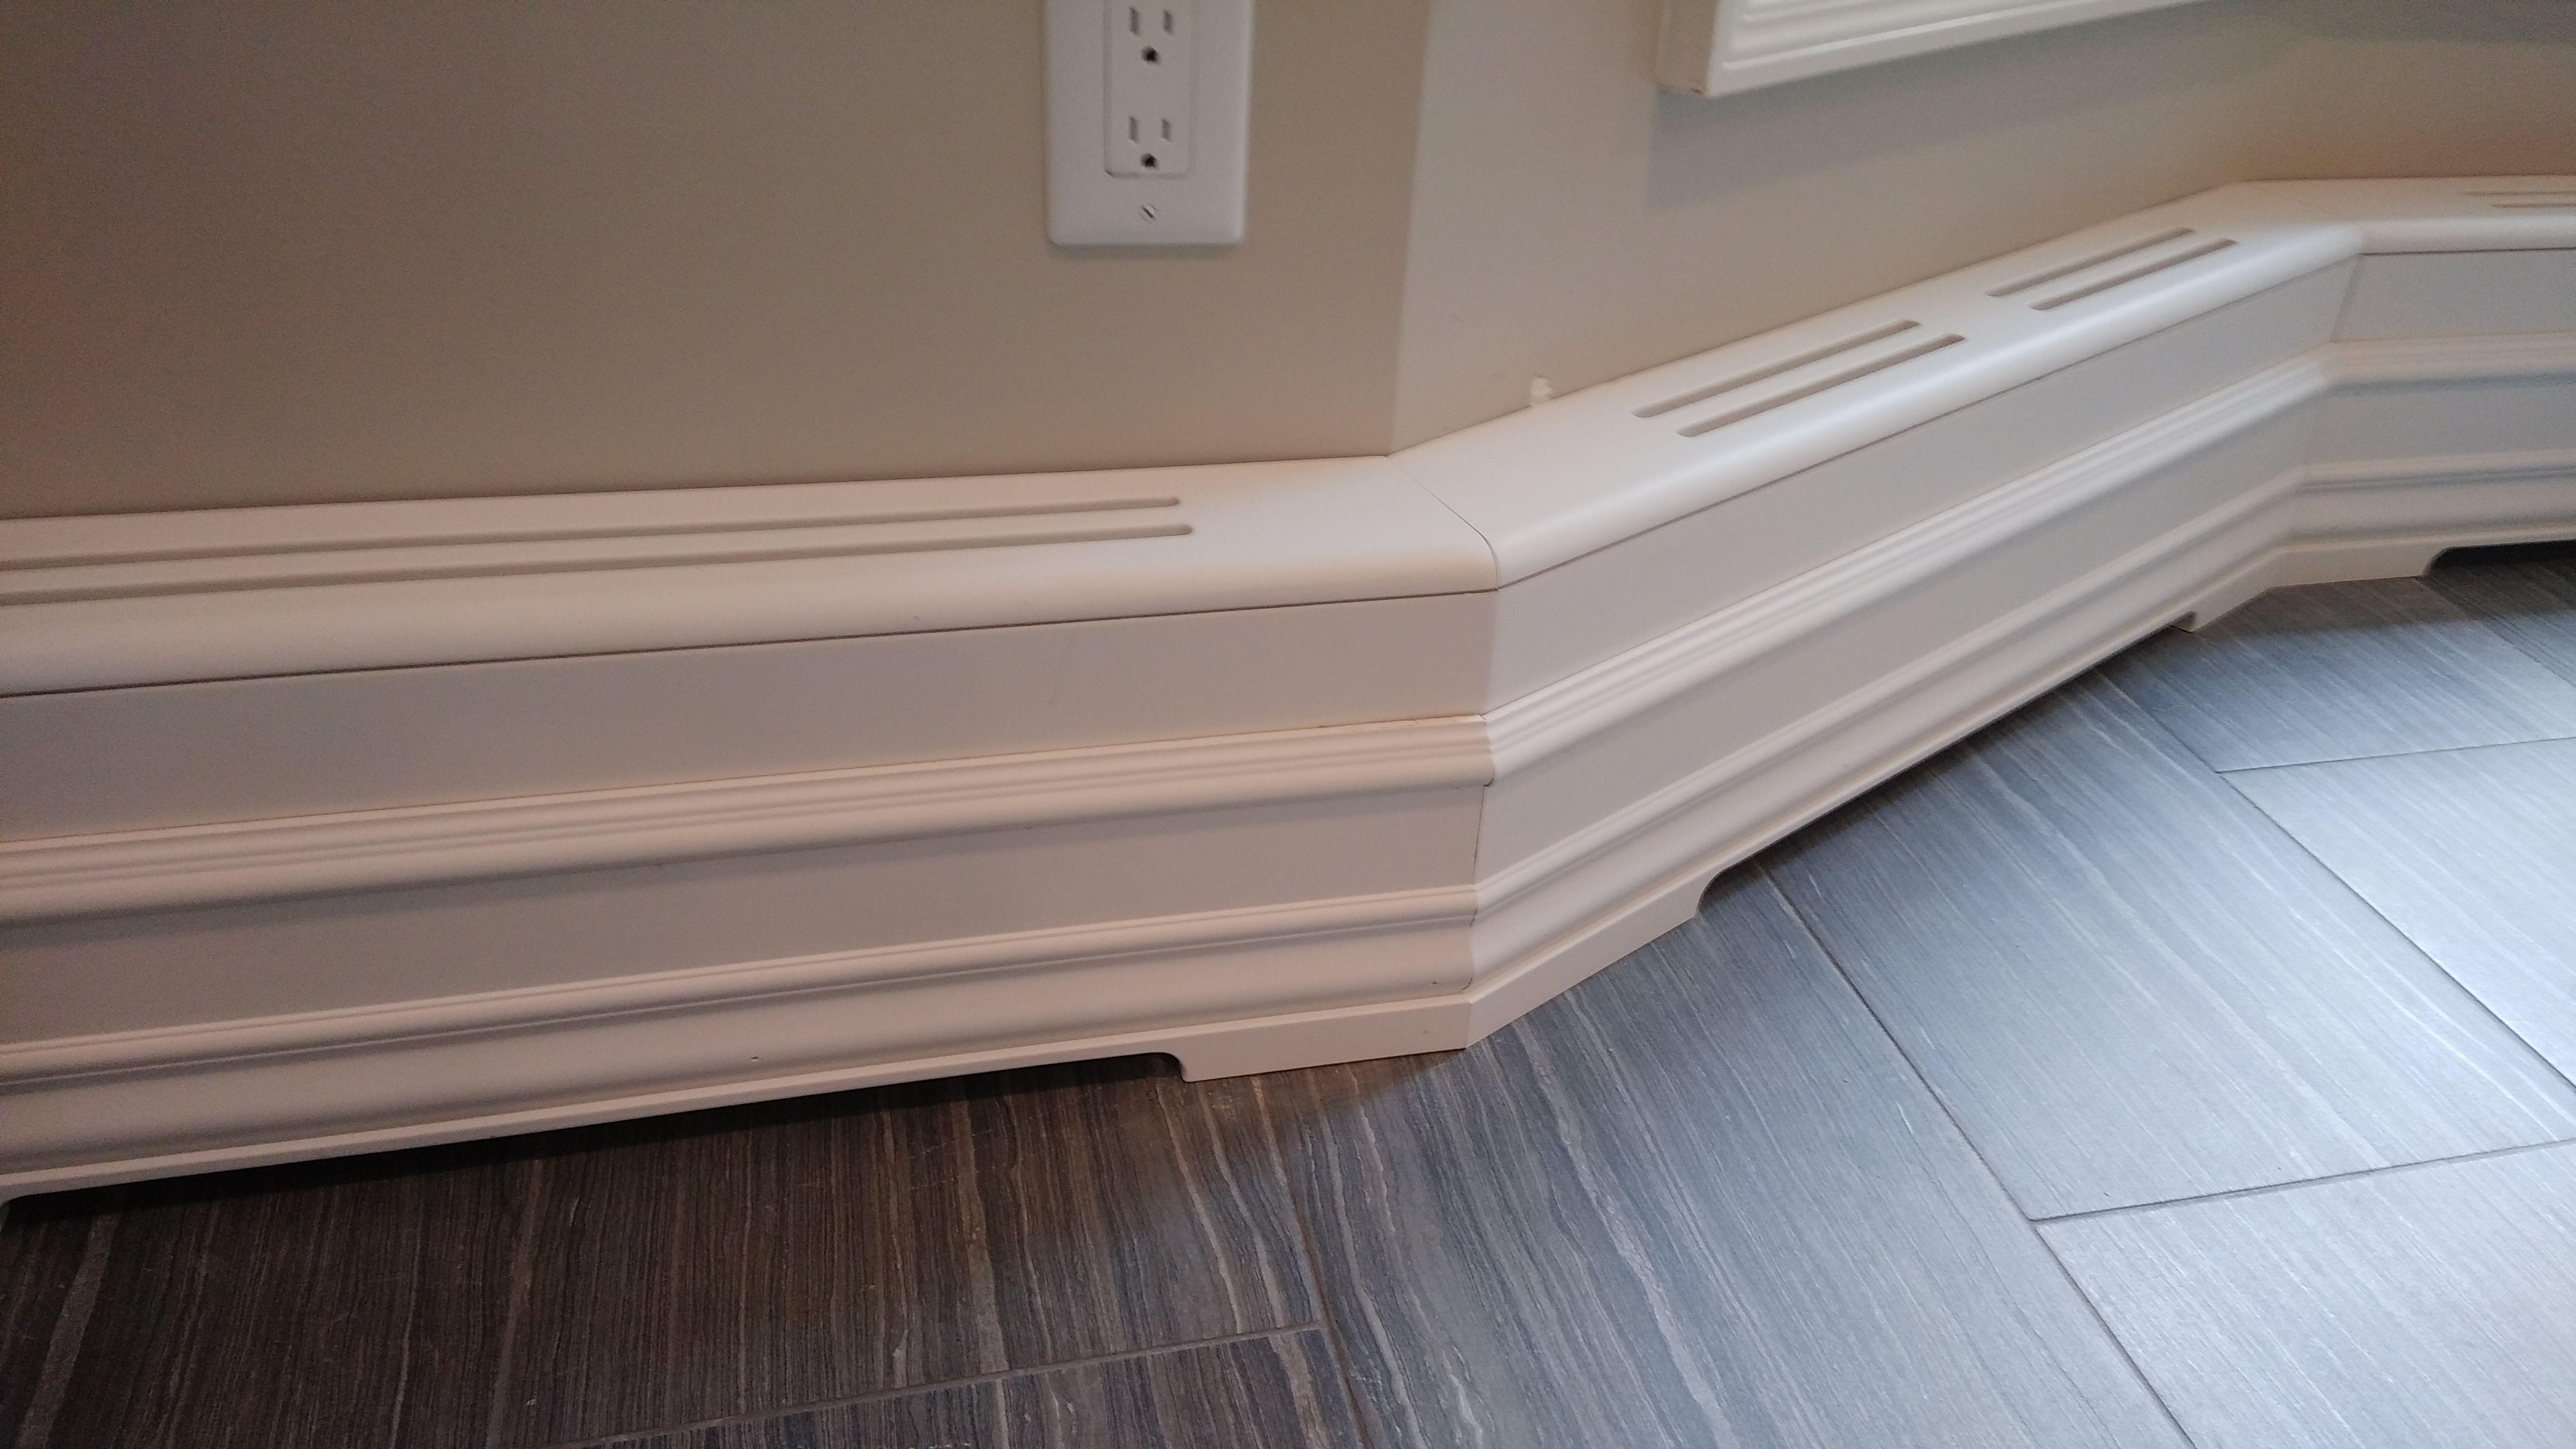 Custom baseboard heater covers baseboard heater covers